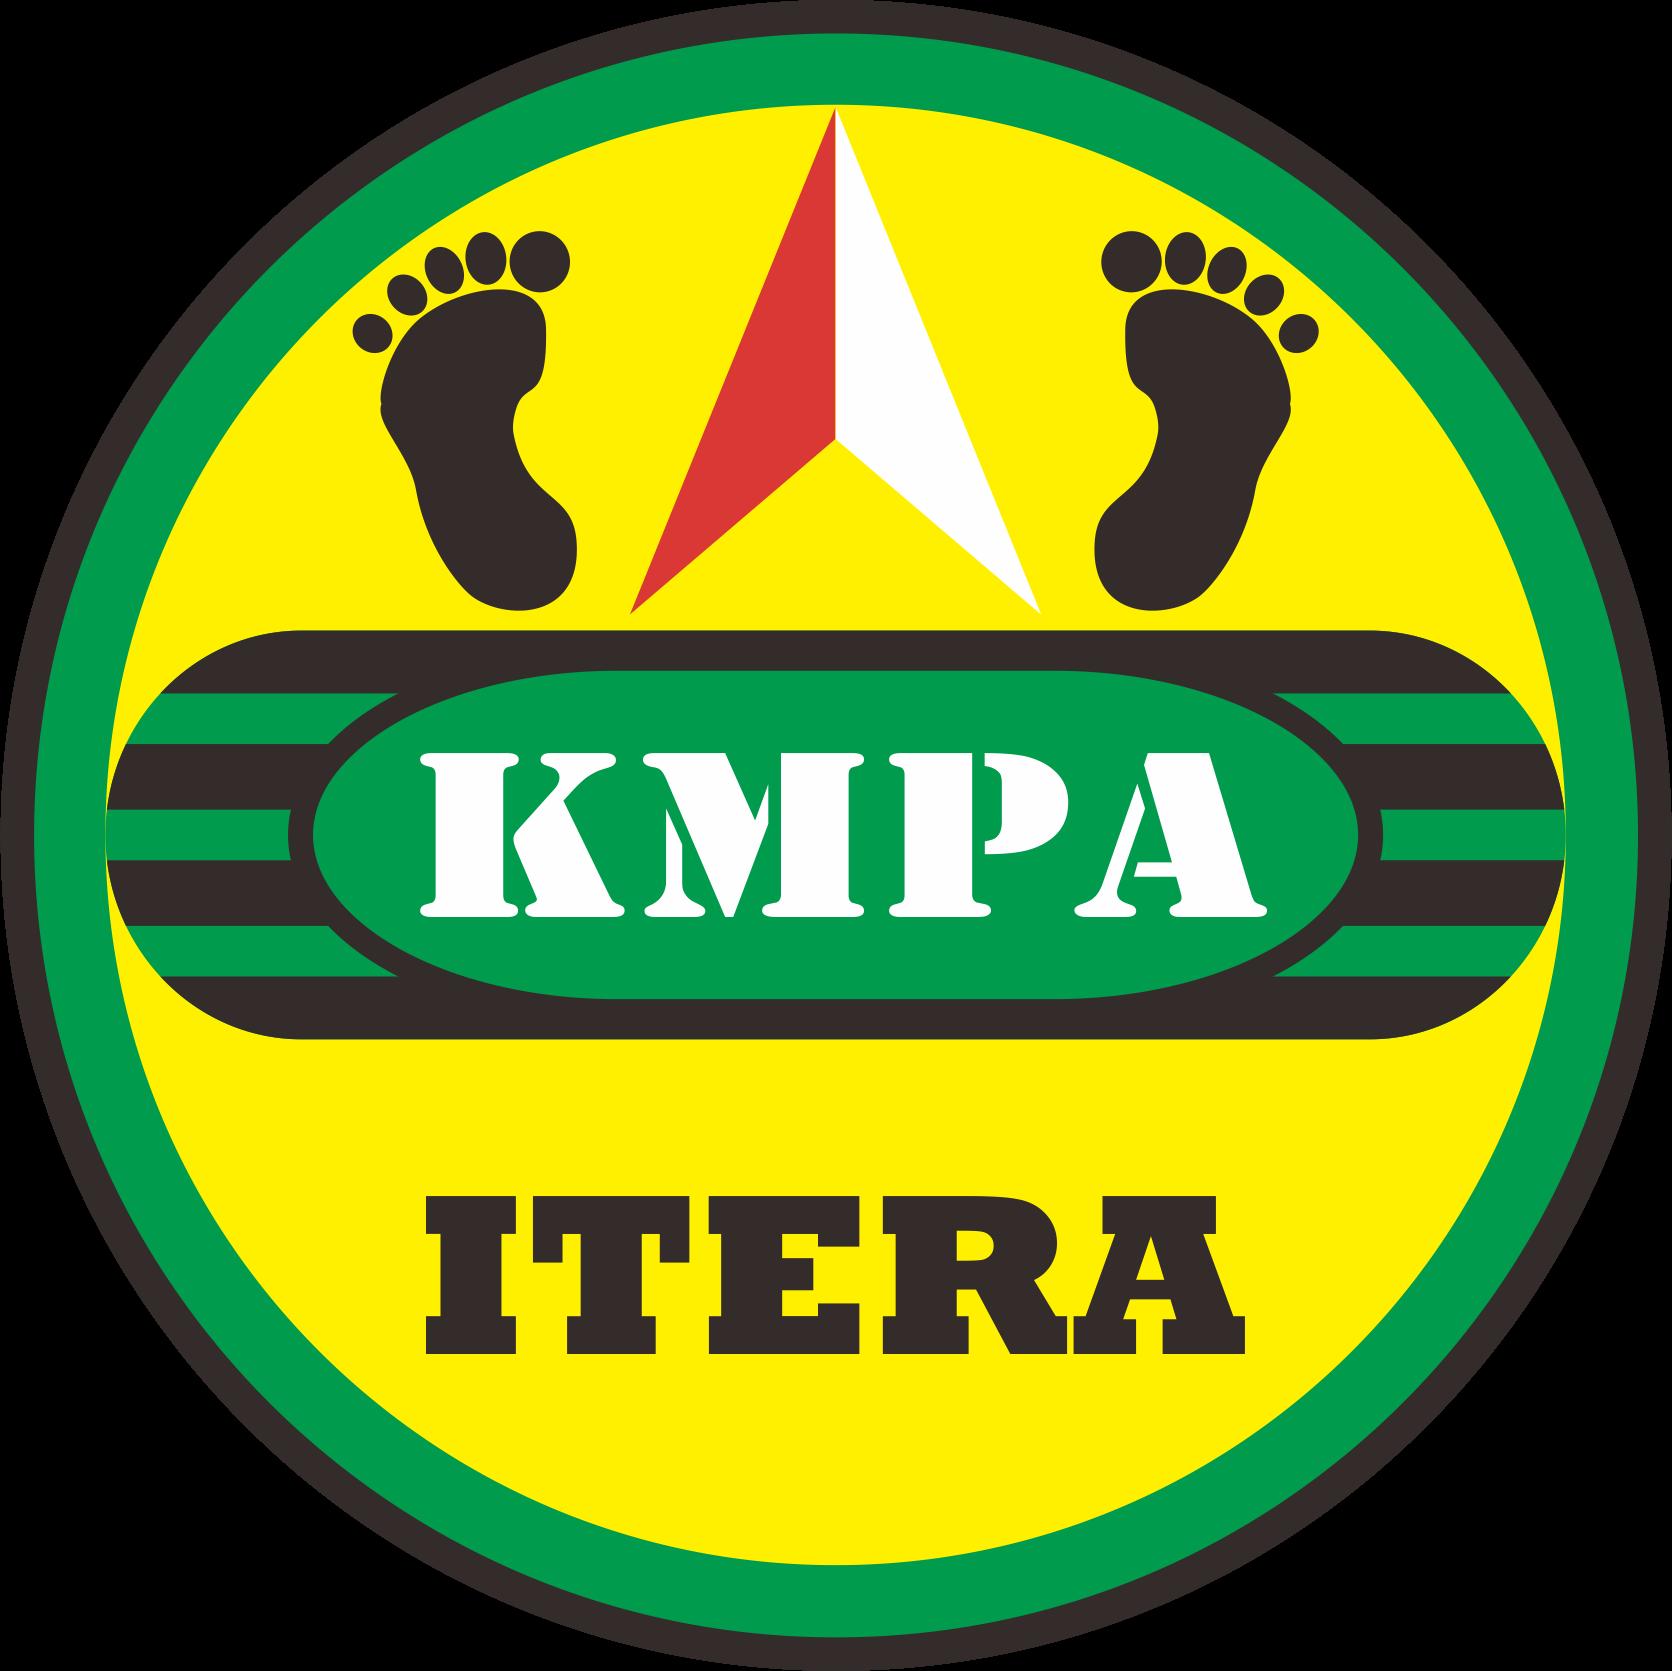 KMPA ITERA